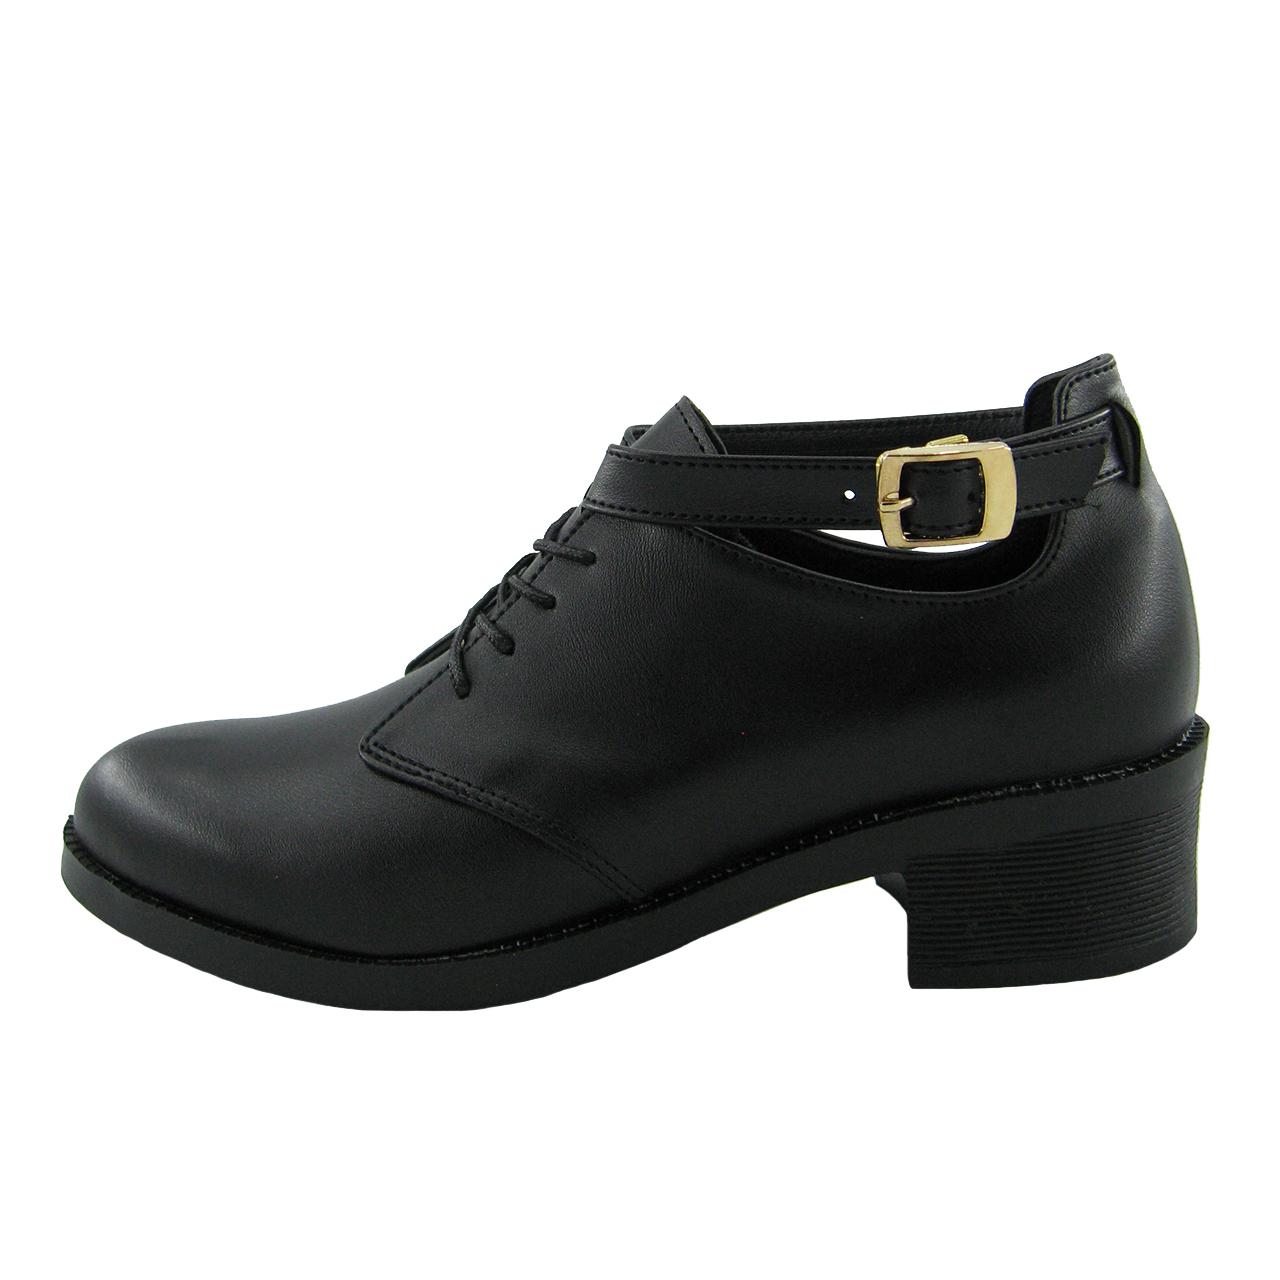 مدل های کفش روزمره زنانه با تخفیف ویژه